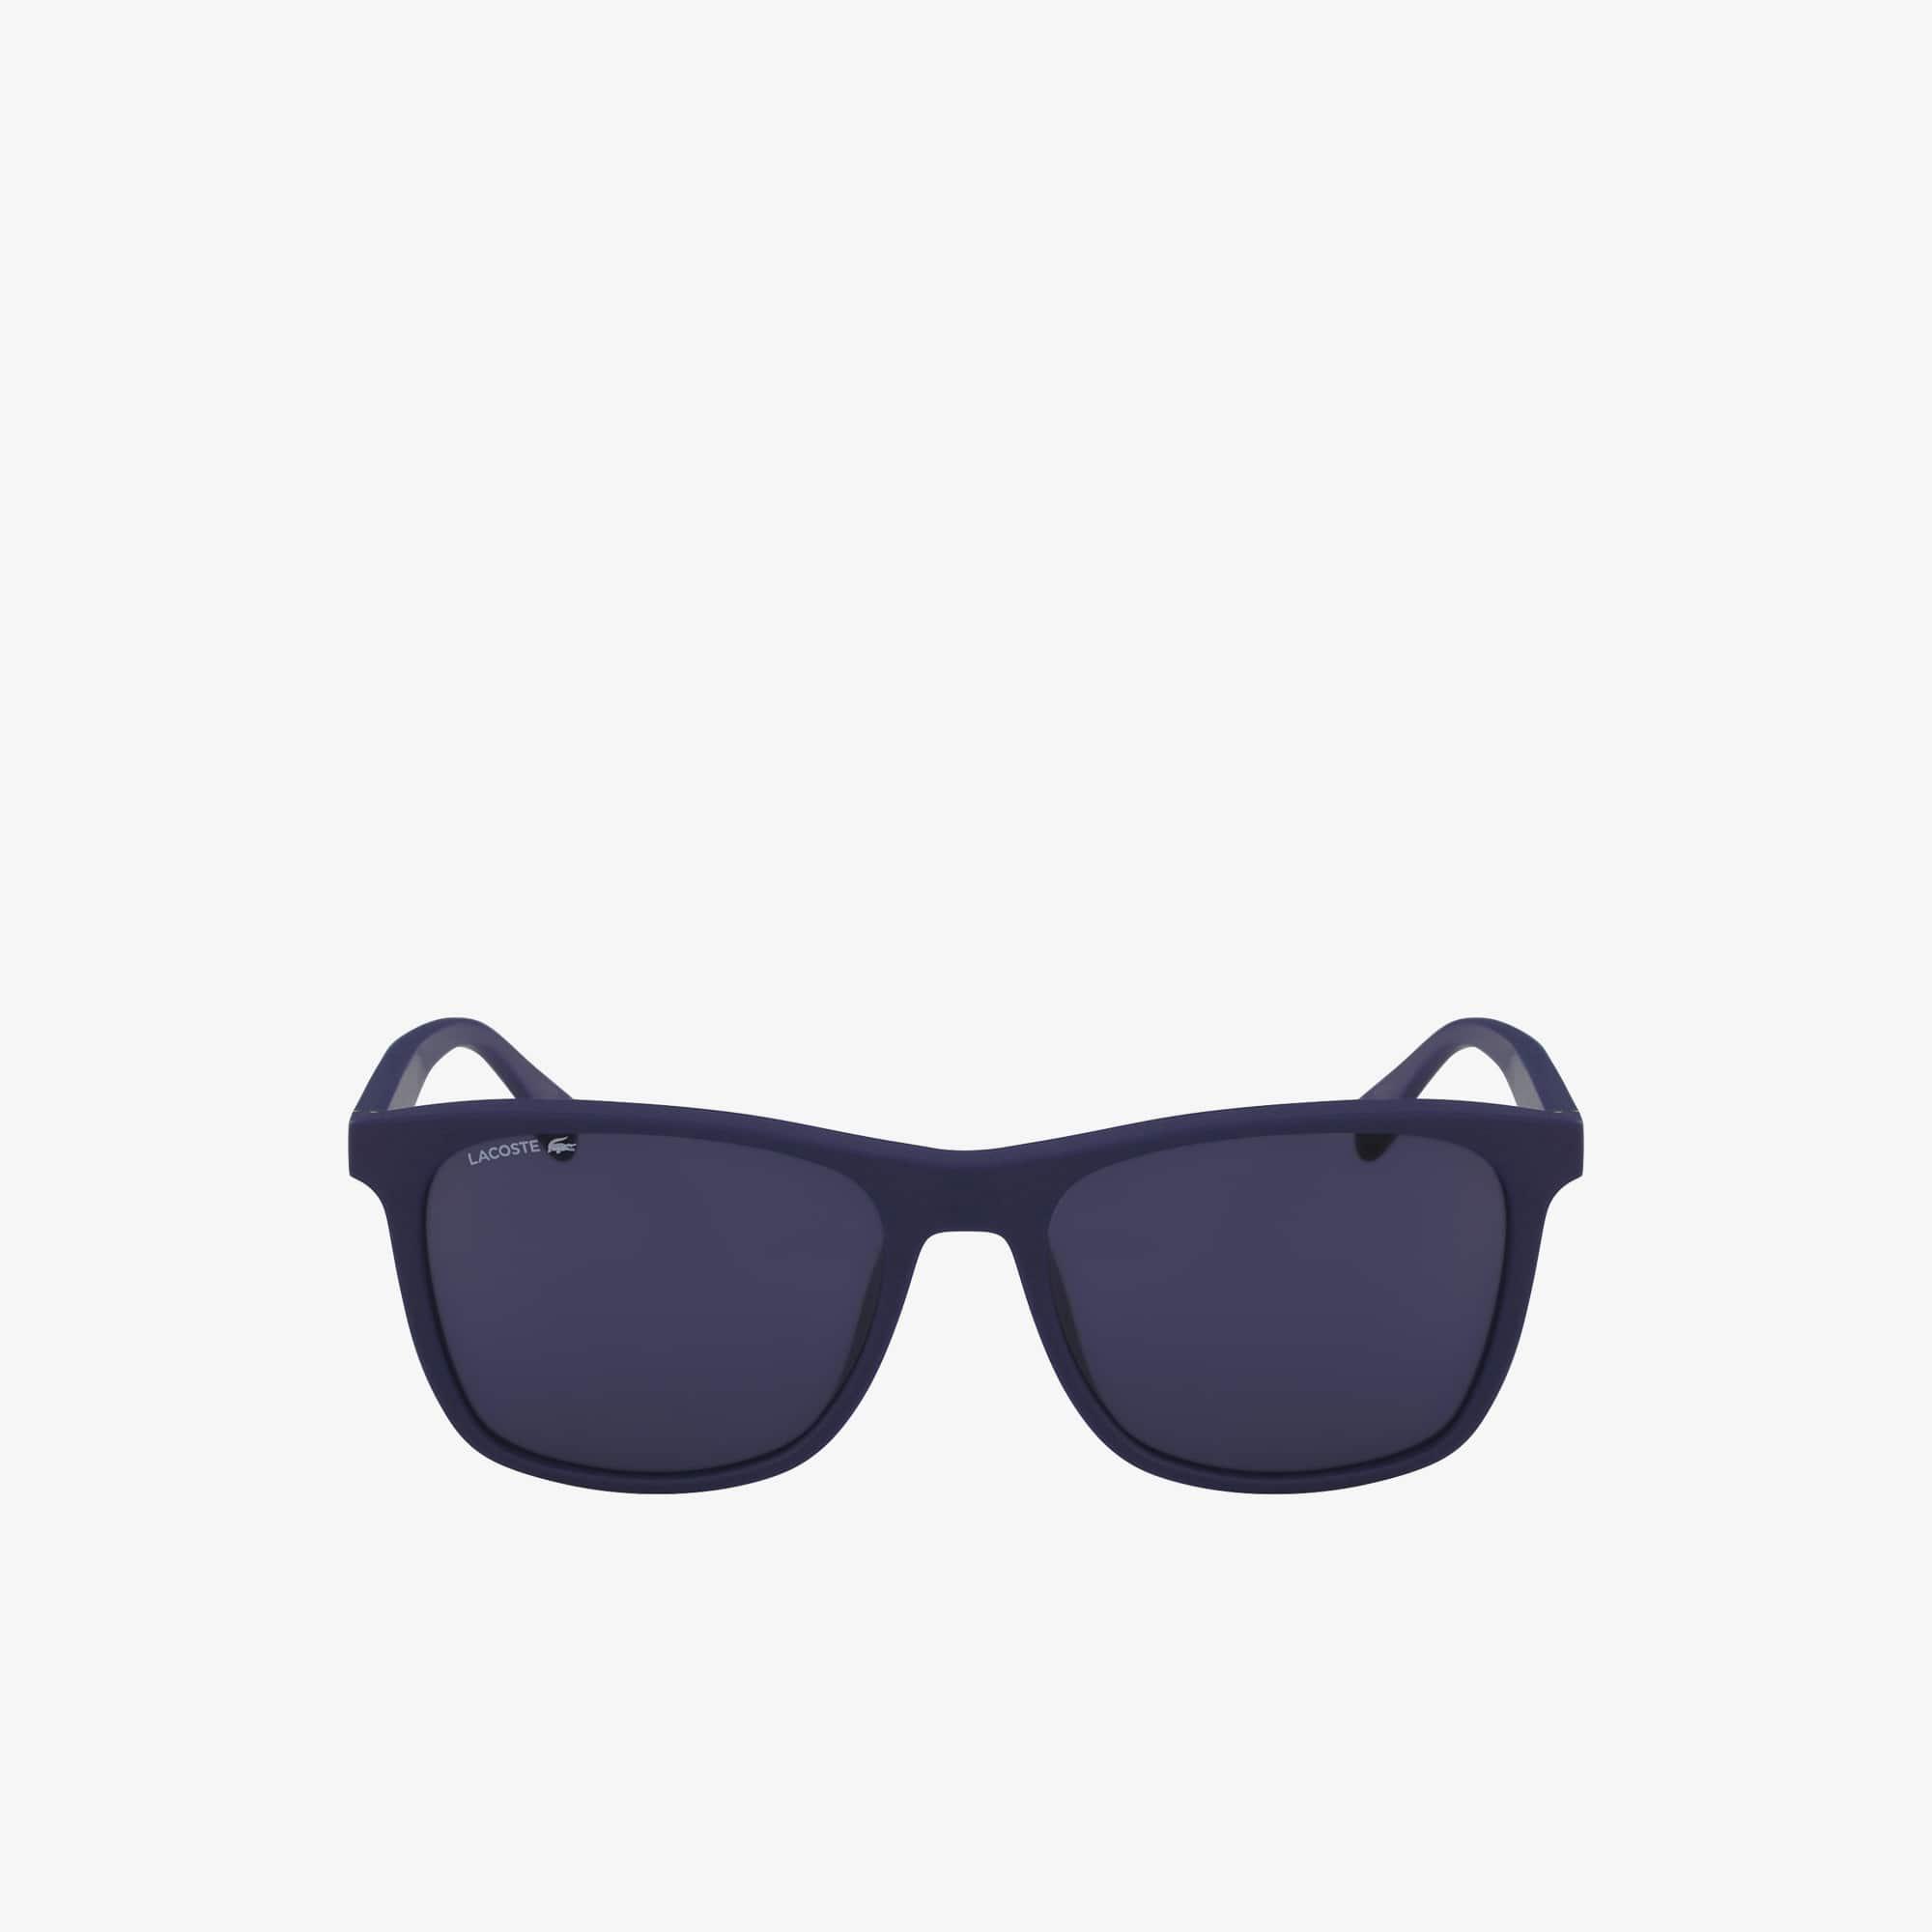 7c52286c98a0 Sunglasses For Men's Men Lacoste Accessories q4qrx0dpPw